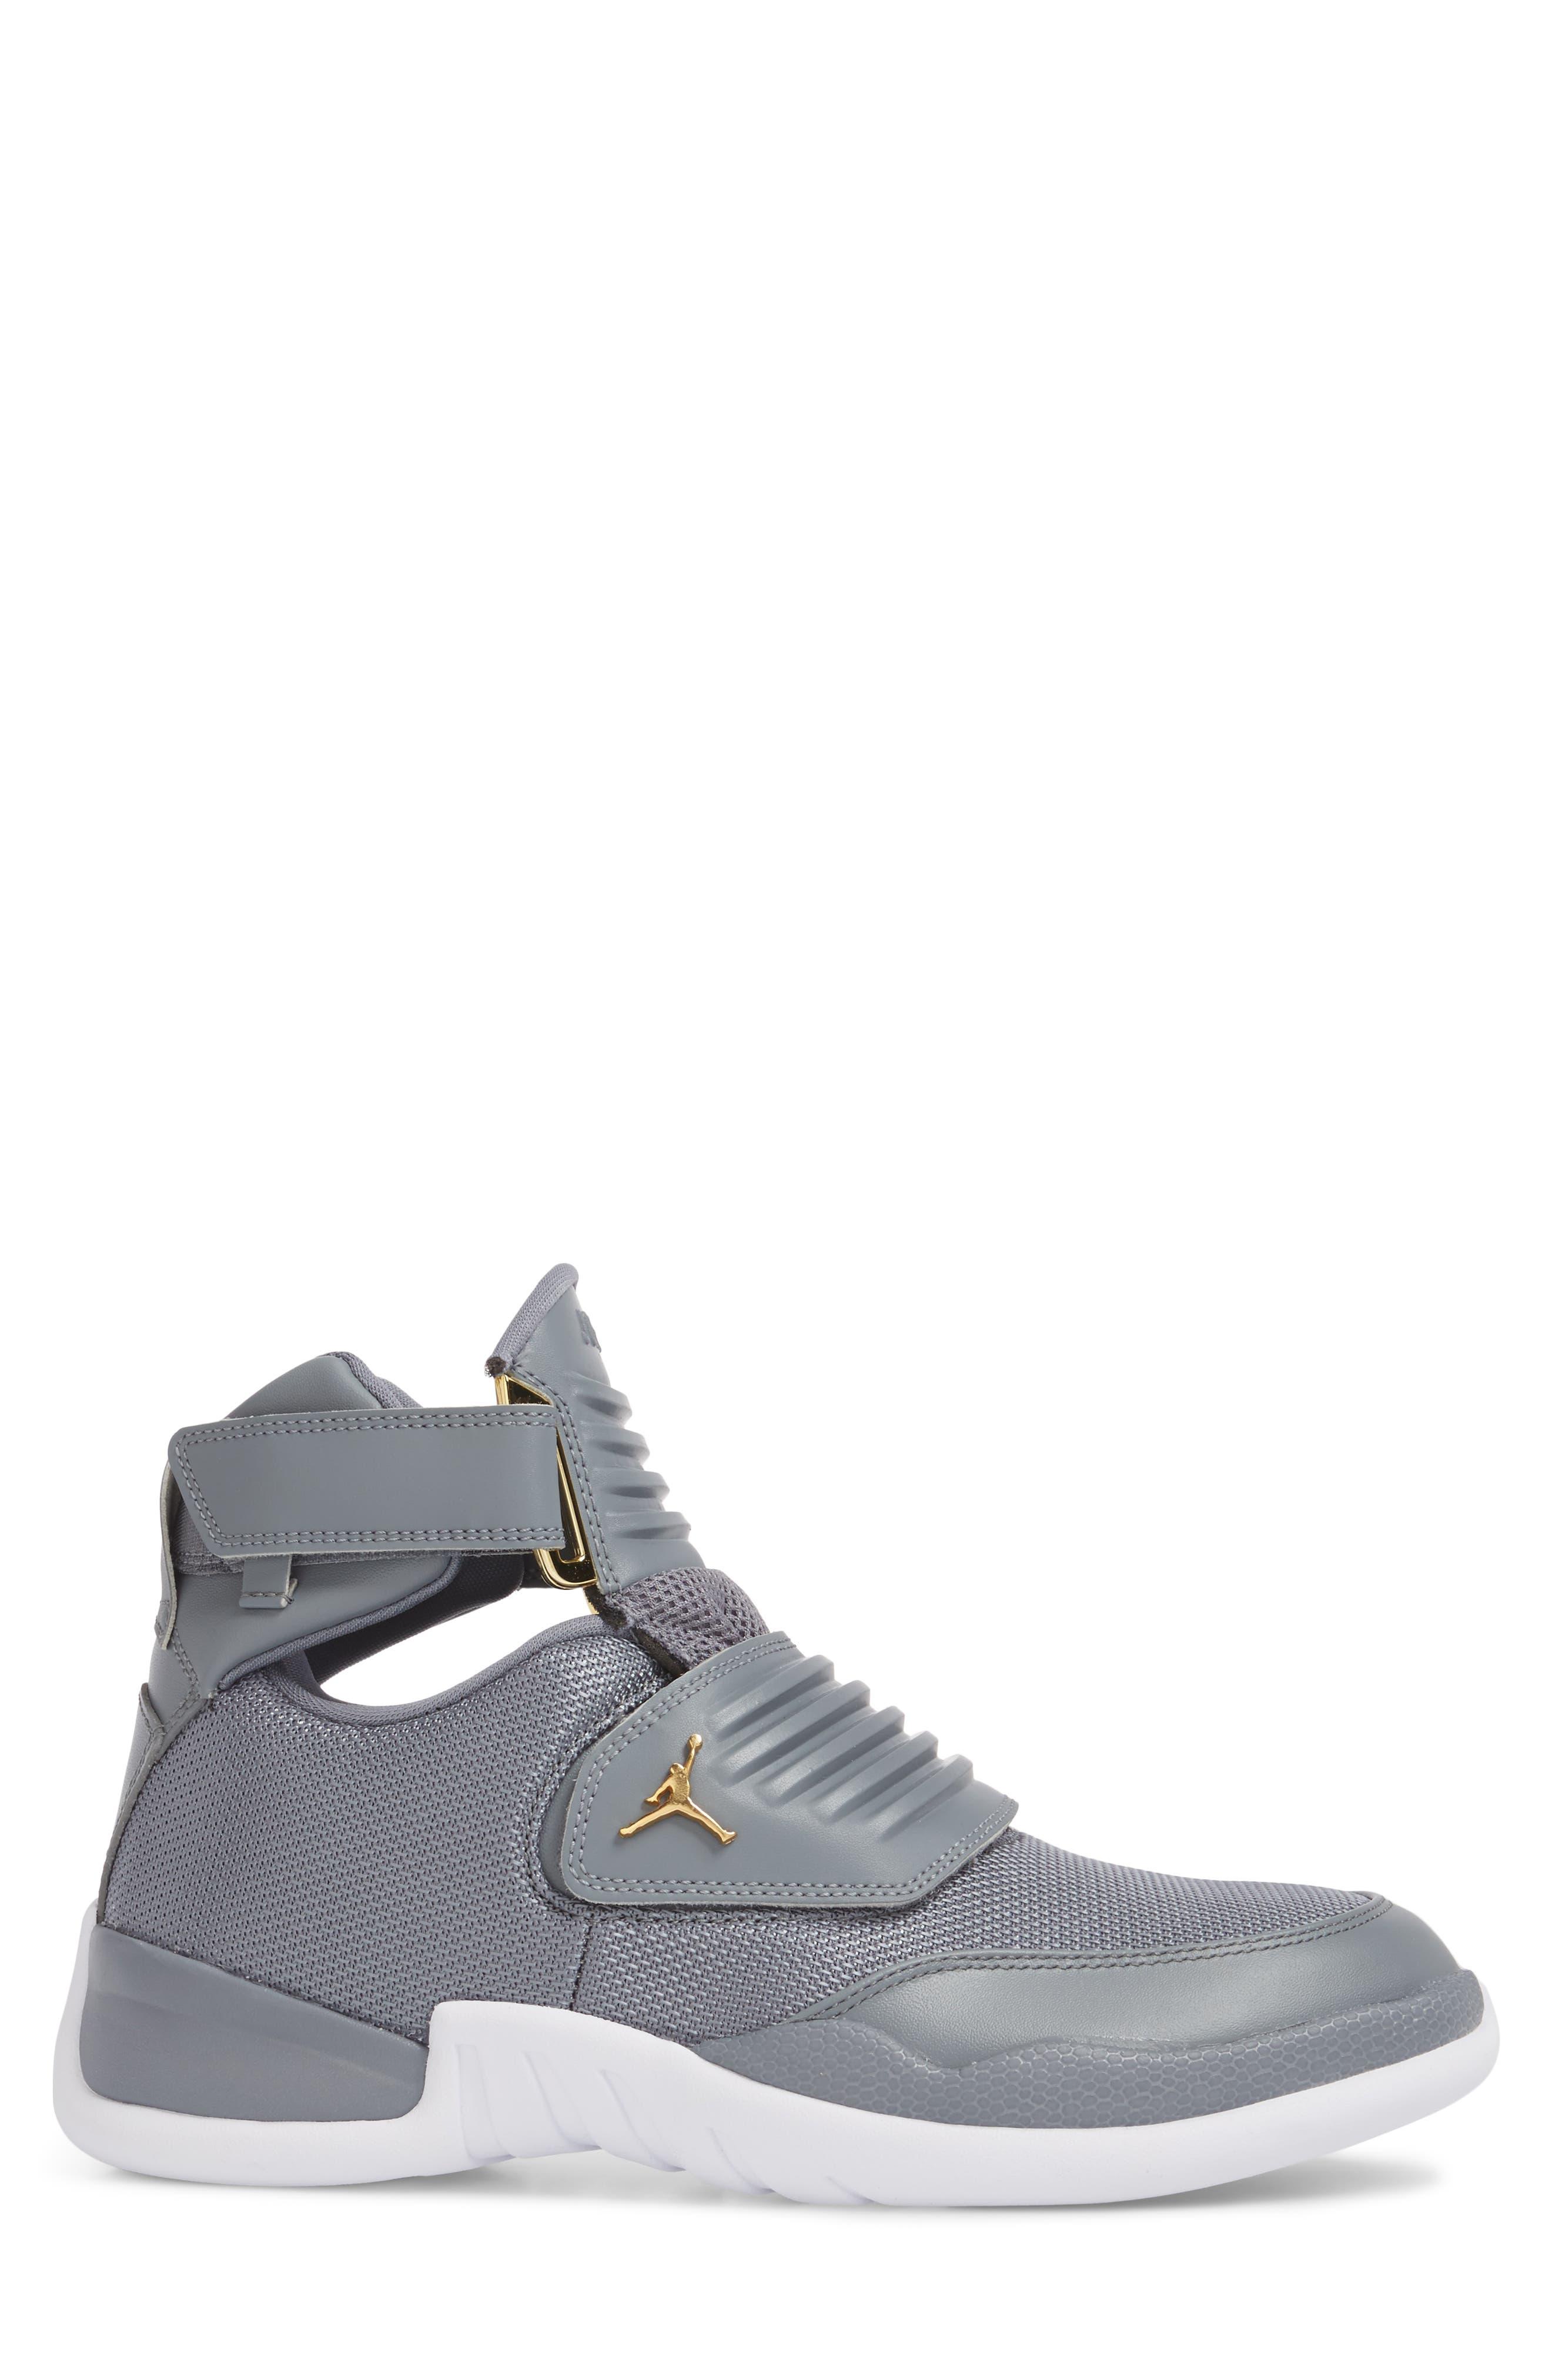 Jordan Generation High Top Sneaker,                             Alternate thumbnail 6, color,